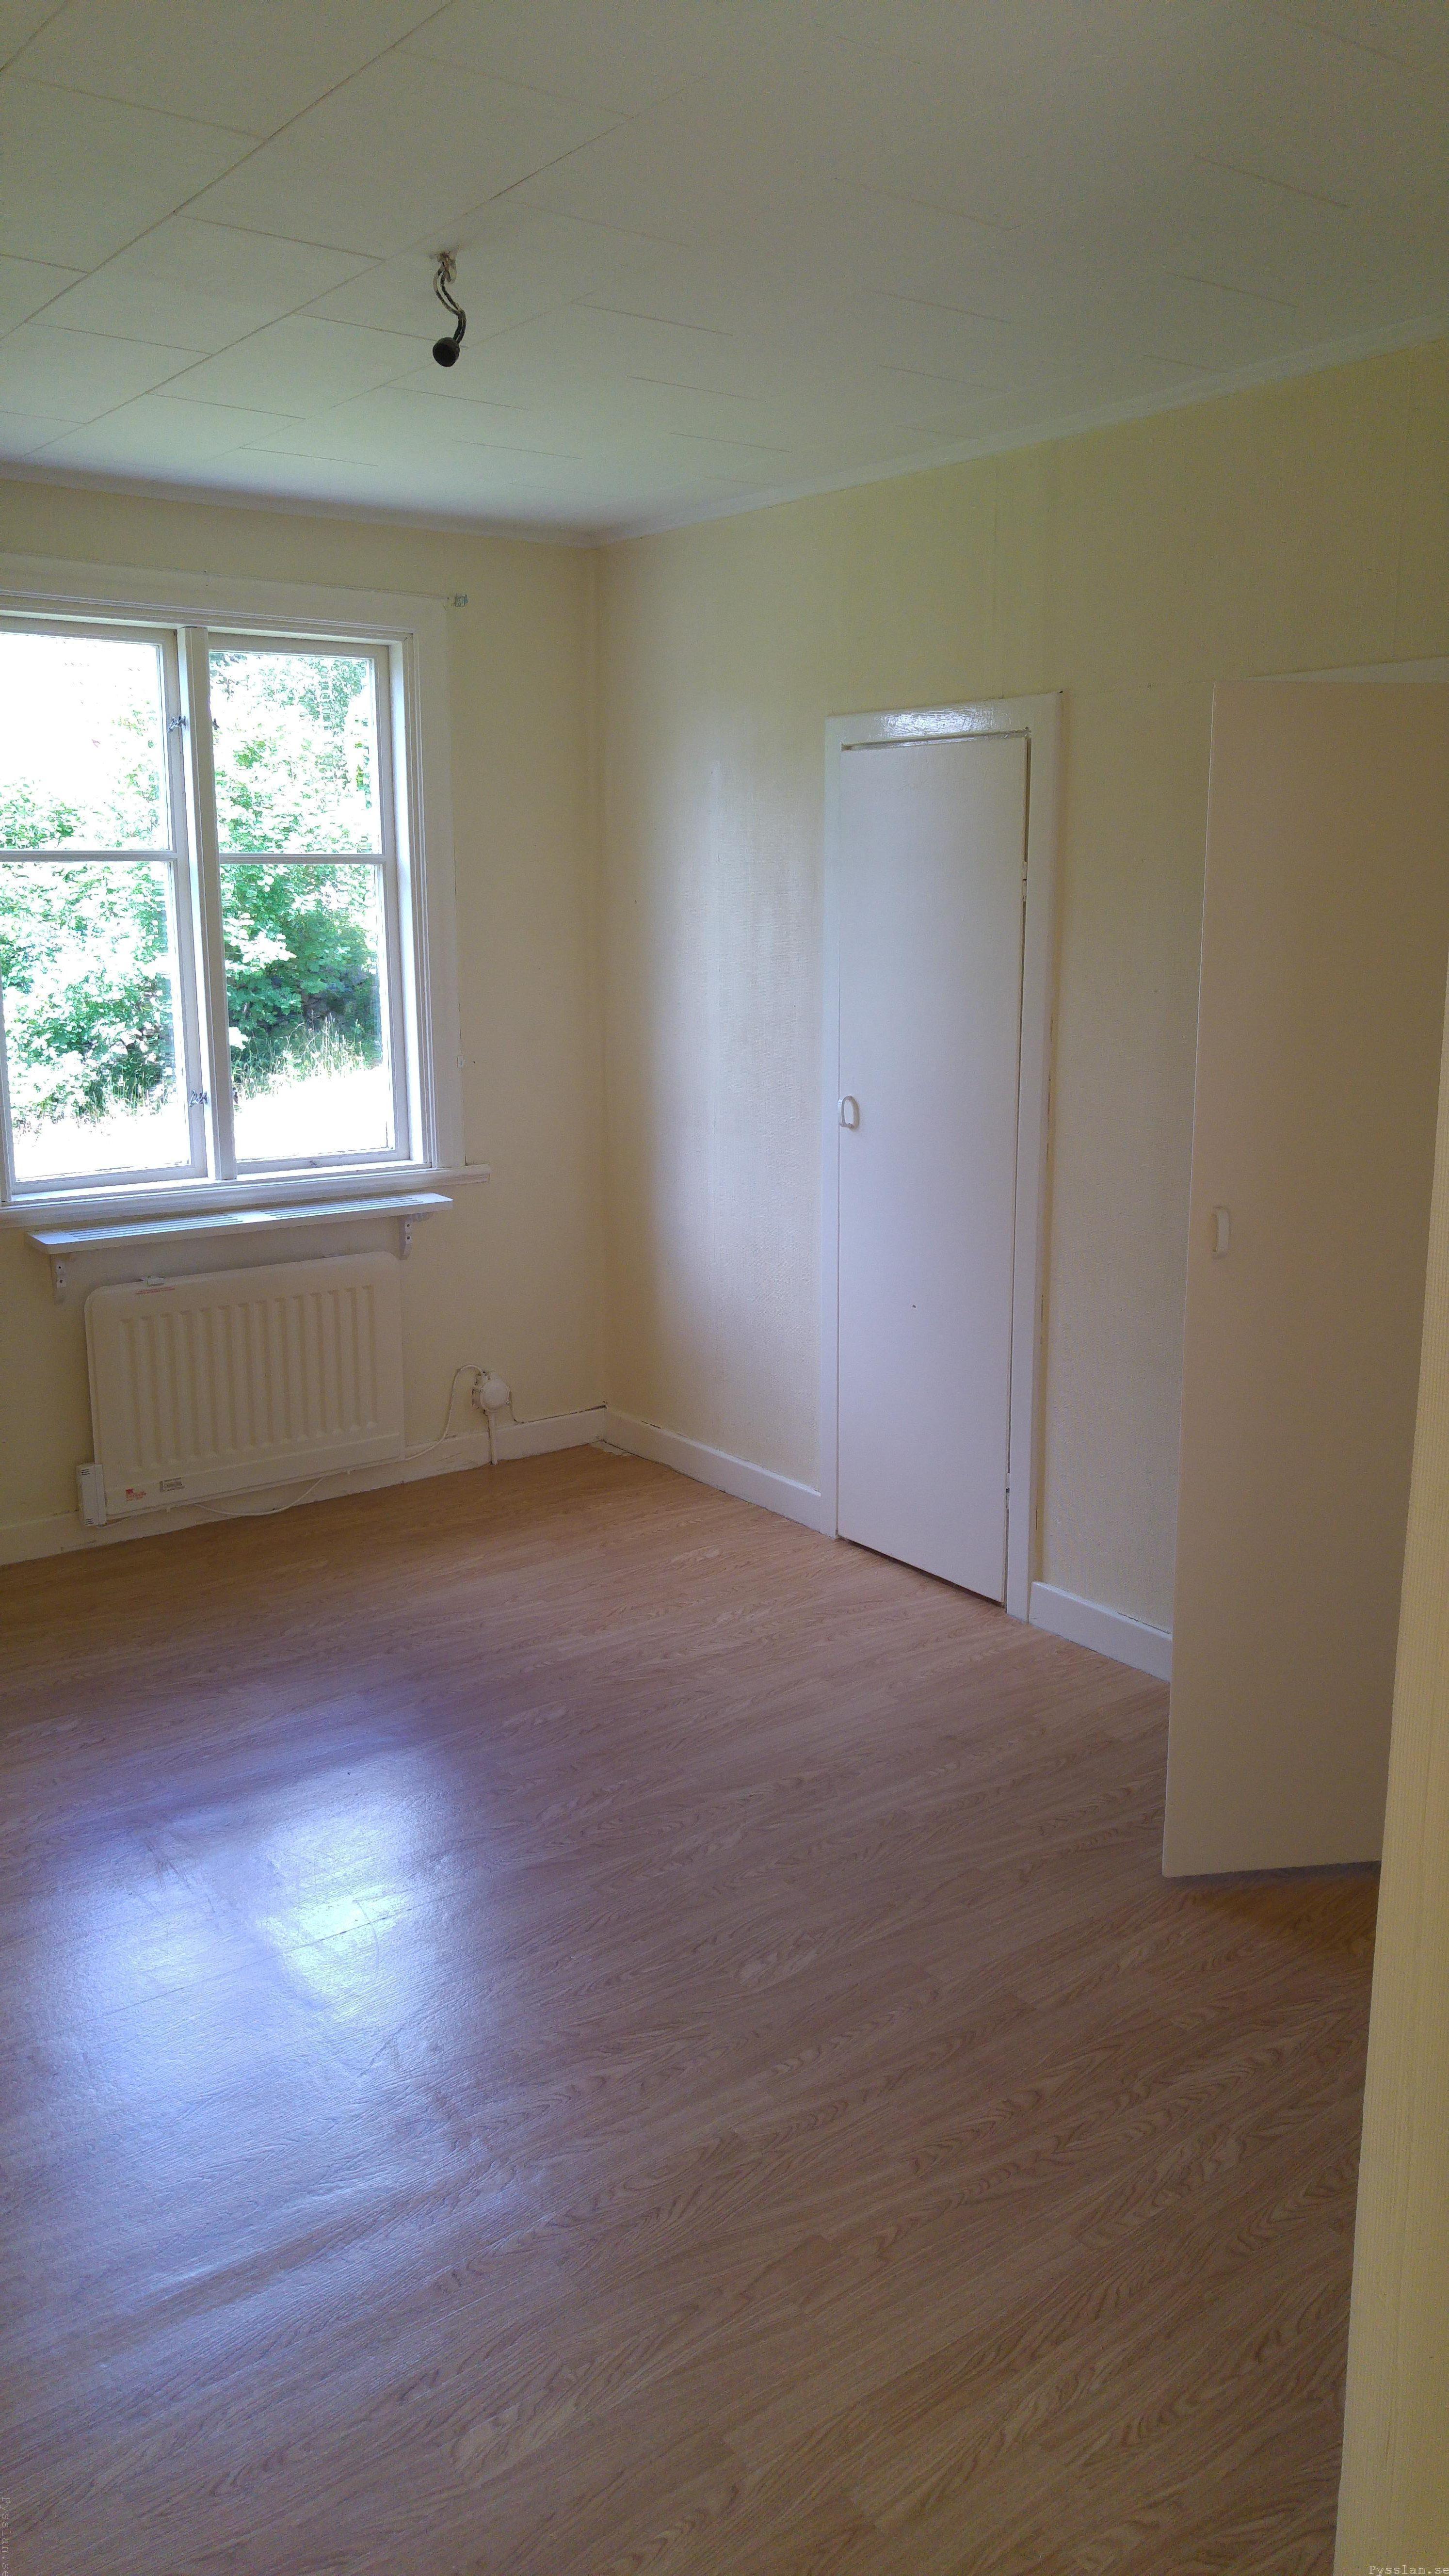 drömhus 20-talshus rött hus vita knutar renovering jugend husdröm pysslan blogg stora sovrummet klädkammardörr